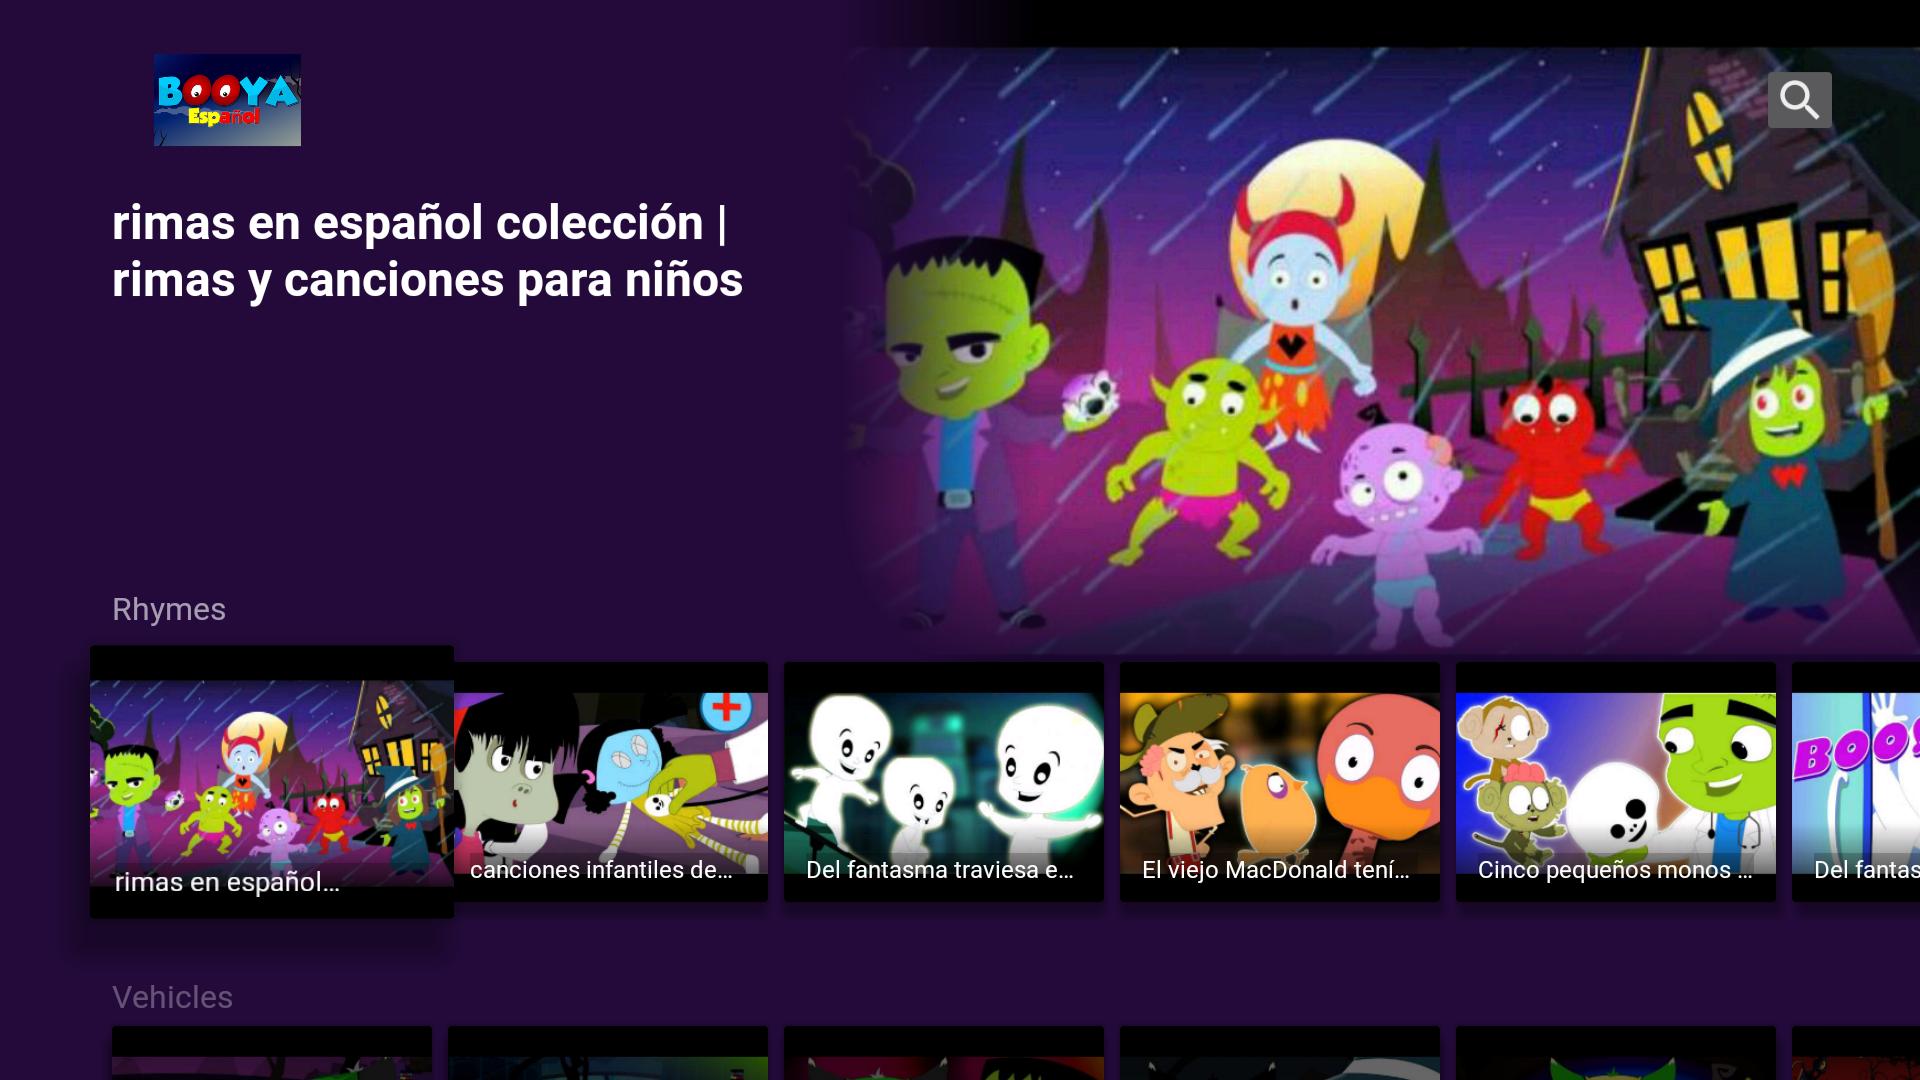 Booya Español: Amazon.es: Appstore para Android